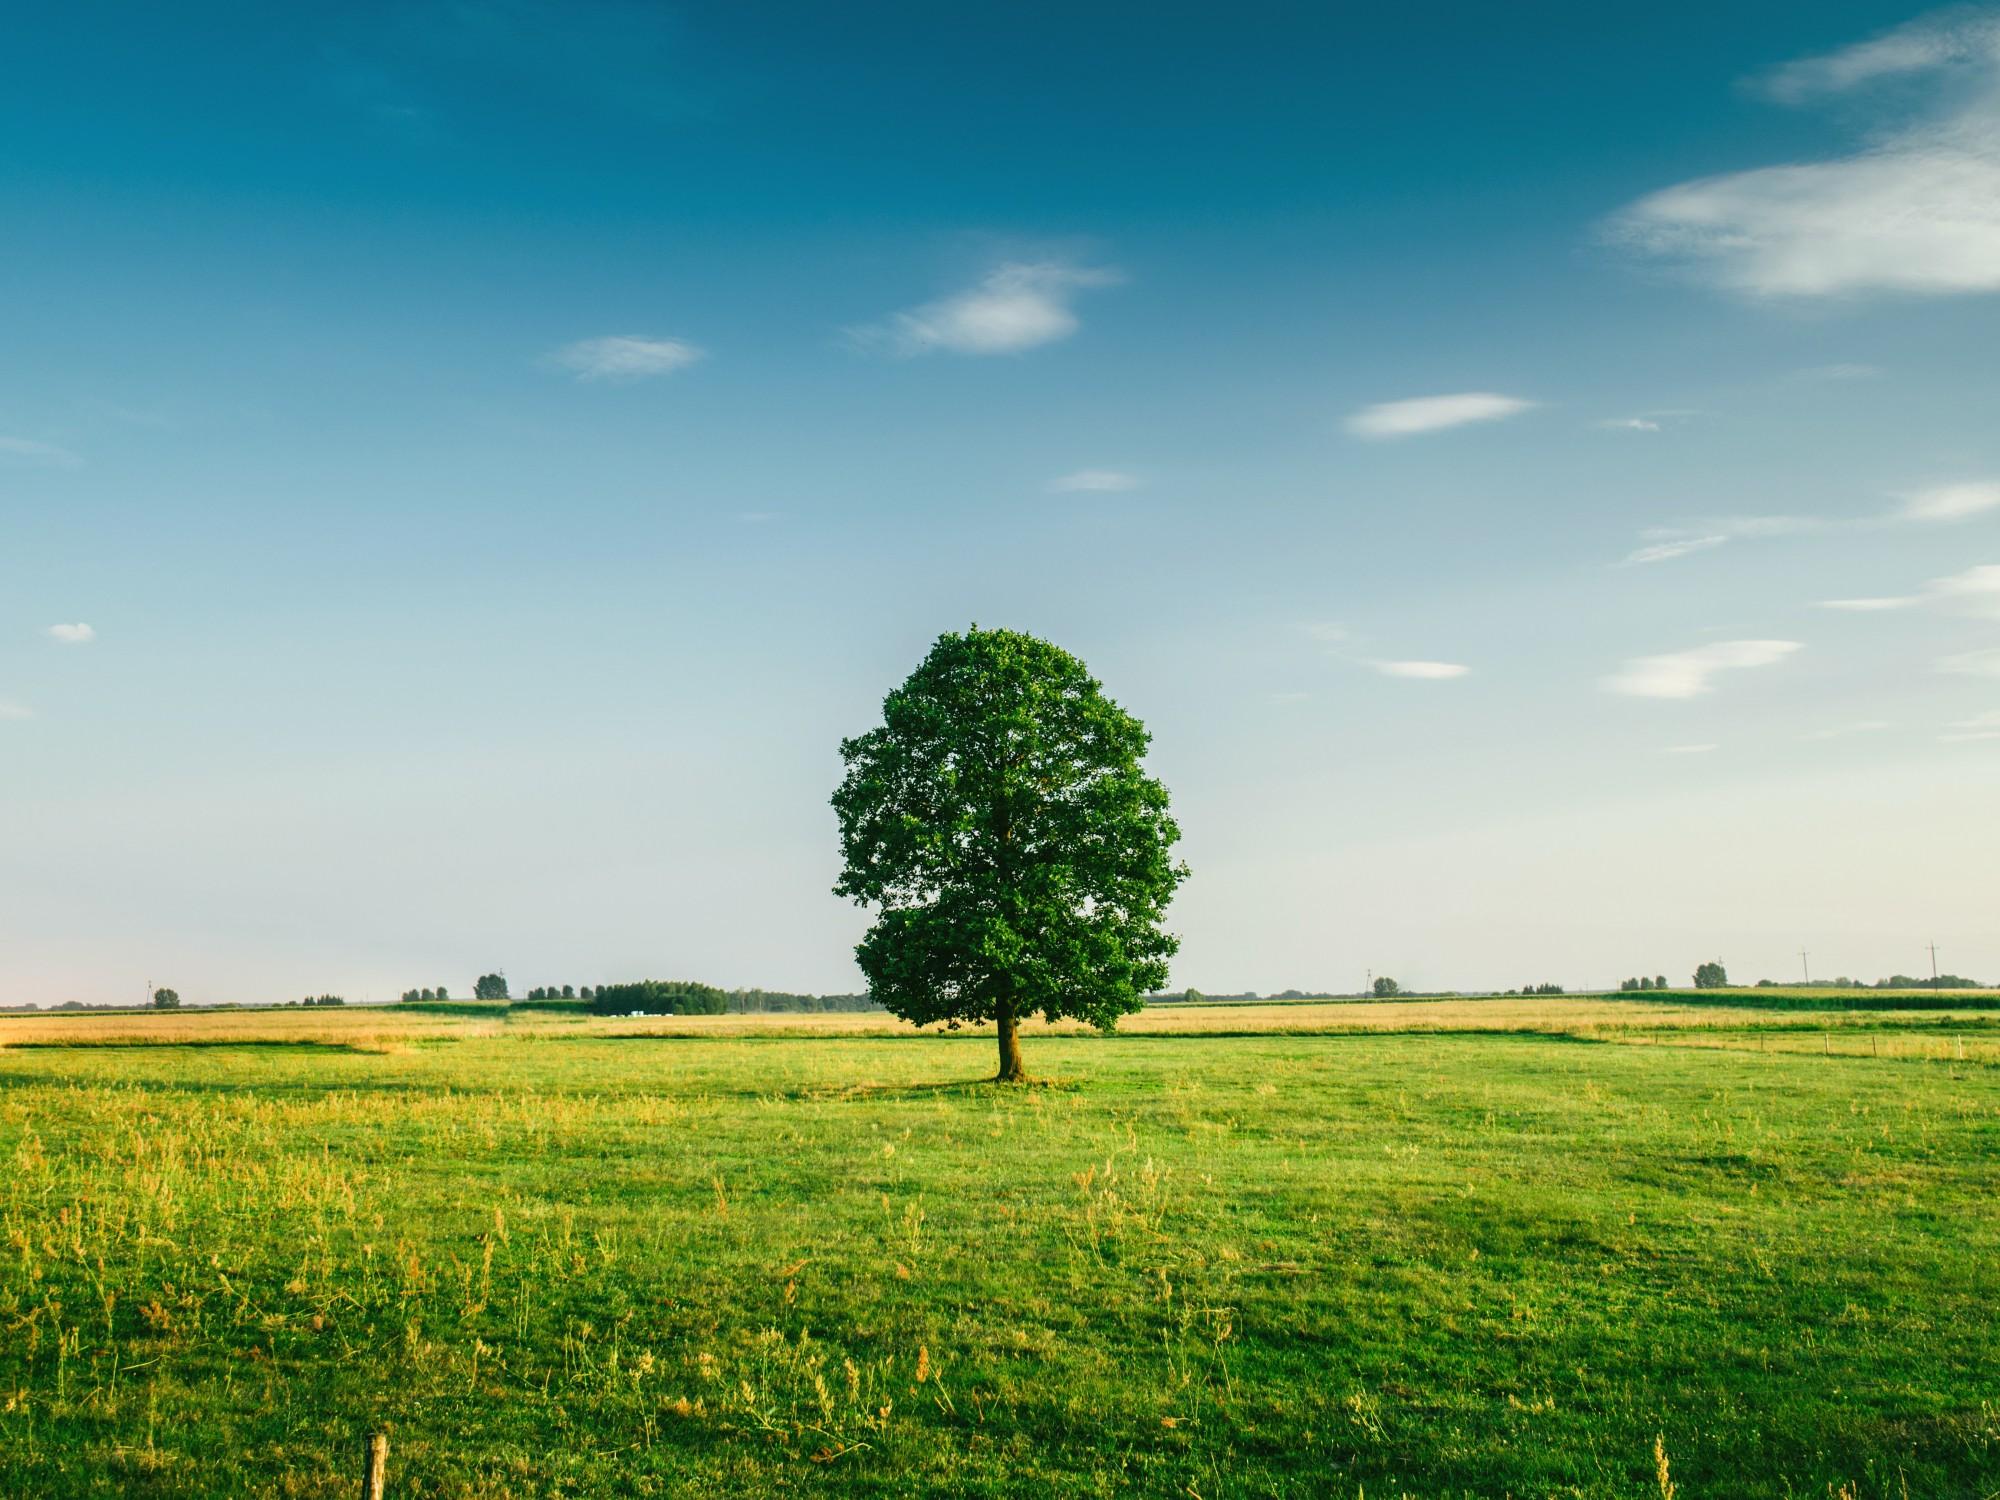 Paslauga ūkininkams - žemės ūkio apyvartinis kreditas be hipotekos ir palūkanų kompensacija